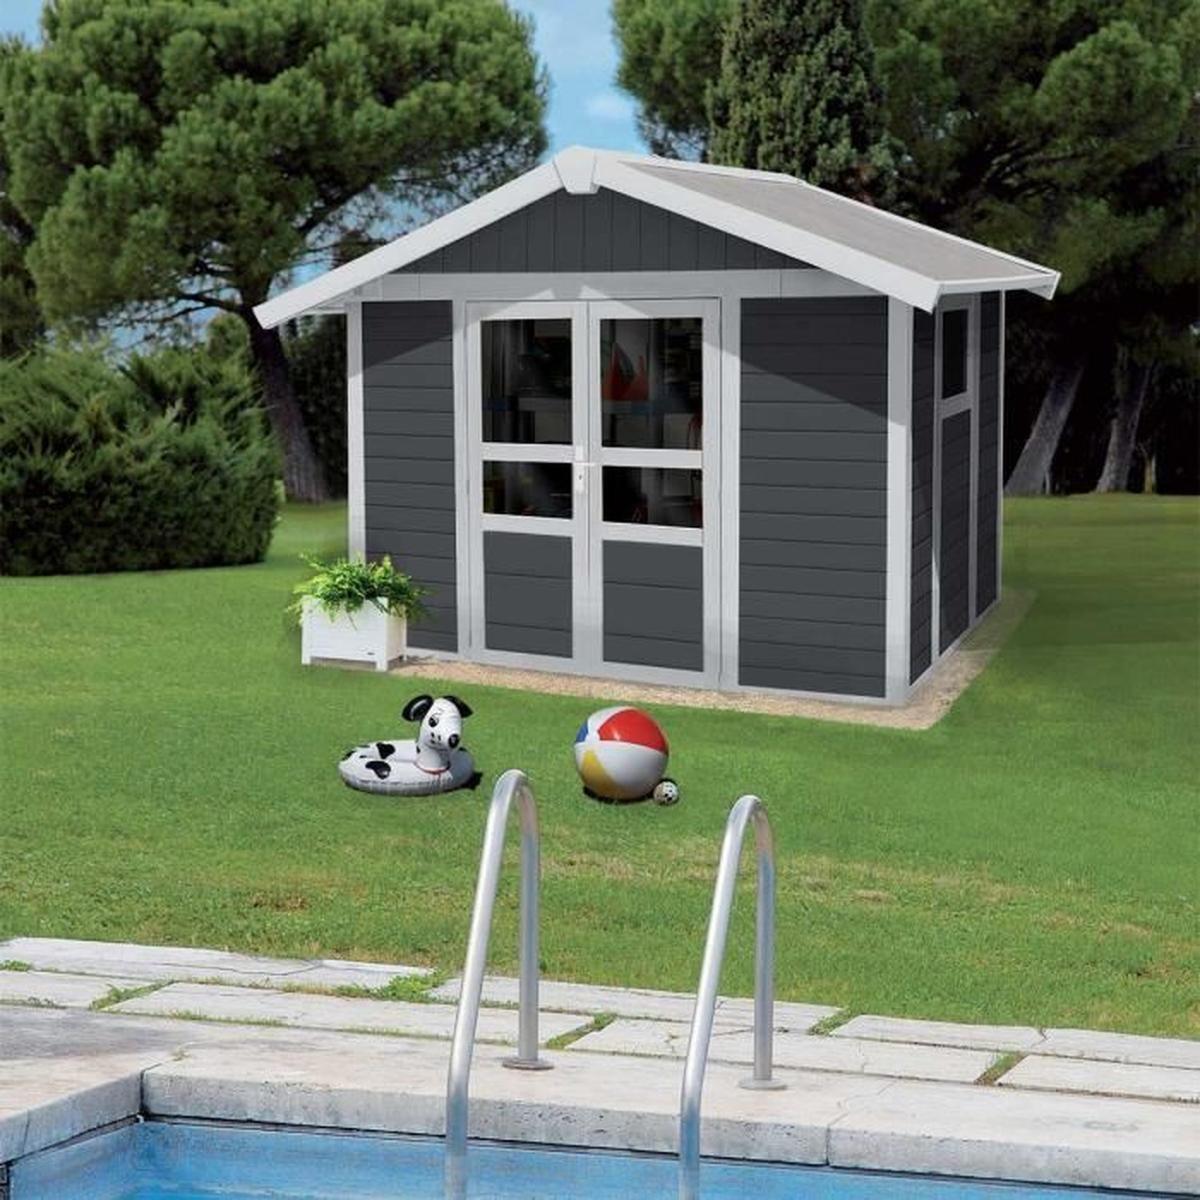 Abri De Jardin Basic Home 7,5 Gris Foncé - 7.5 M² + Kit D ... destiné Abris De Jardin En Kit